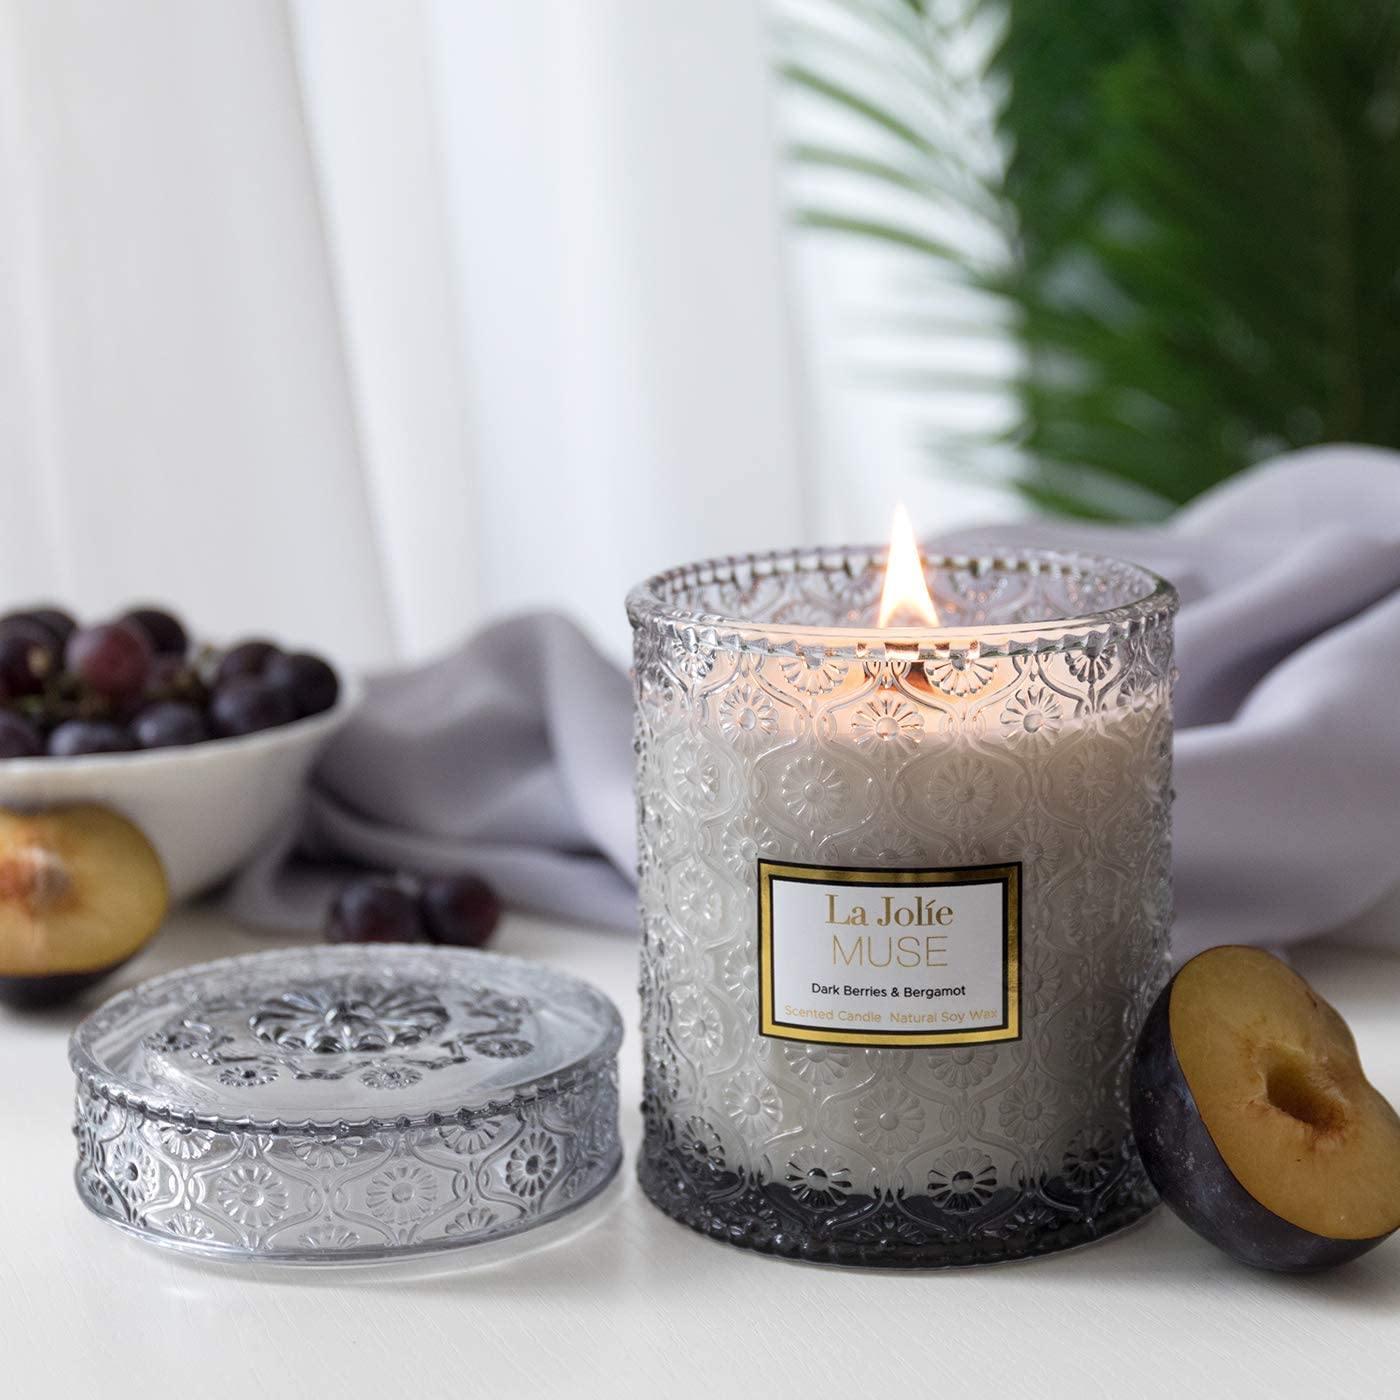 LA JOLIE MUSE アロマキャンドル ブラックベリー&ベルガモットの香り ガラスの瓶 550g 90時間 ギフト プレゼント